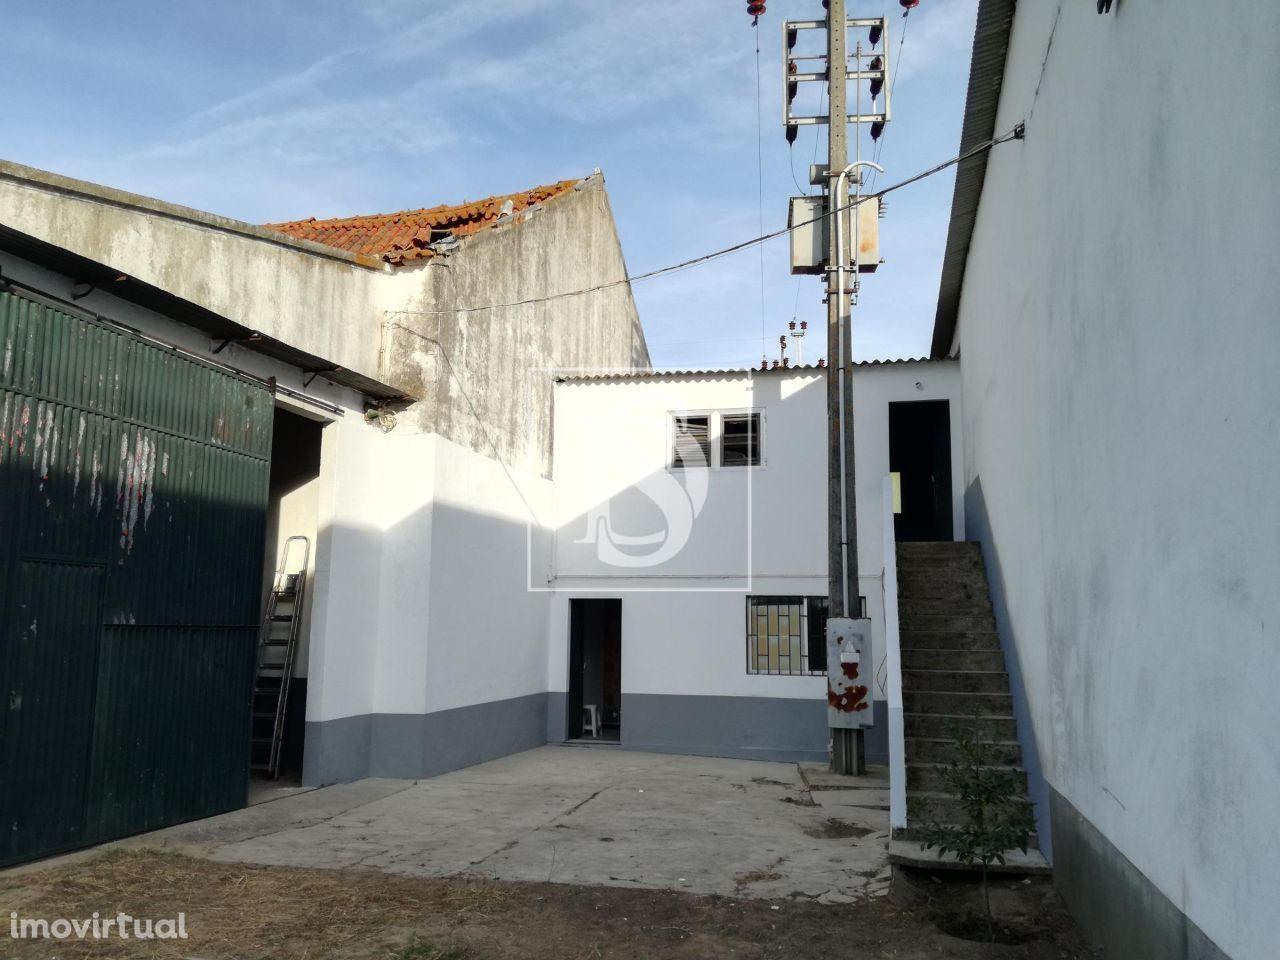 Terreno para comprar, Ermidas-Sado, Santiago do Cacém, Setúbal - Foto 7